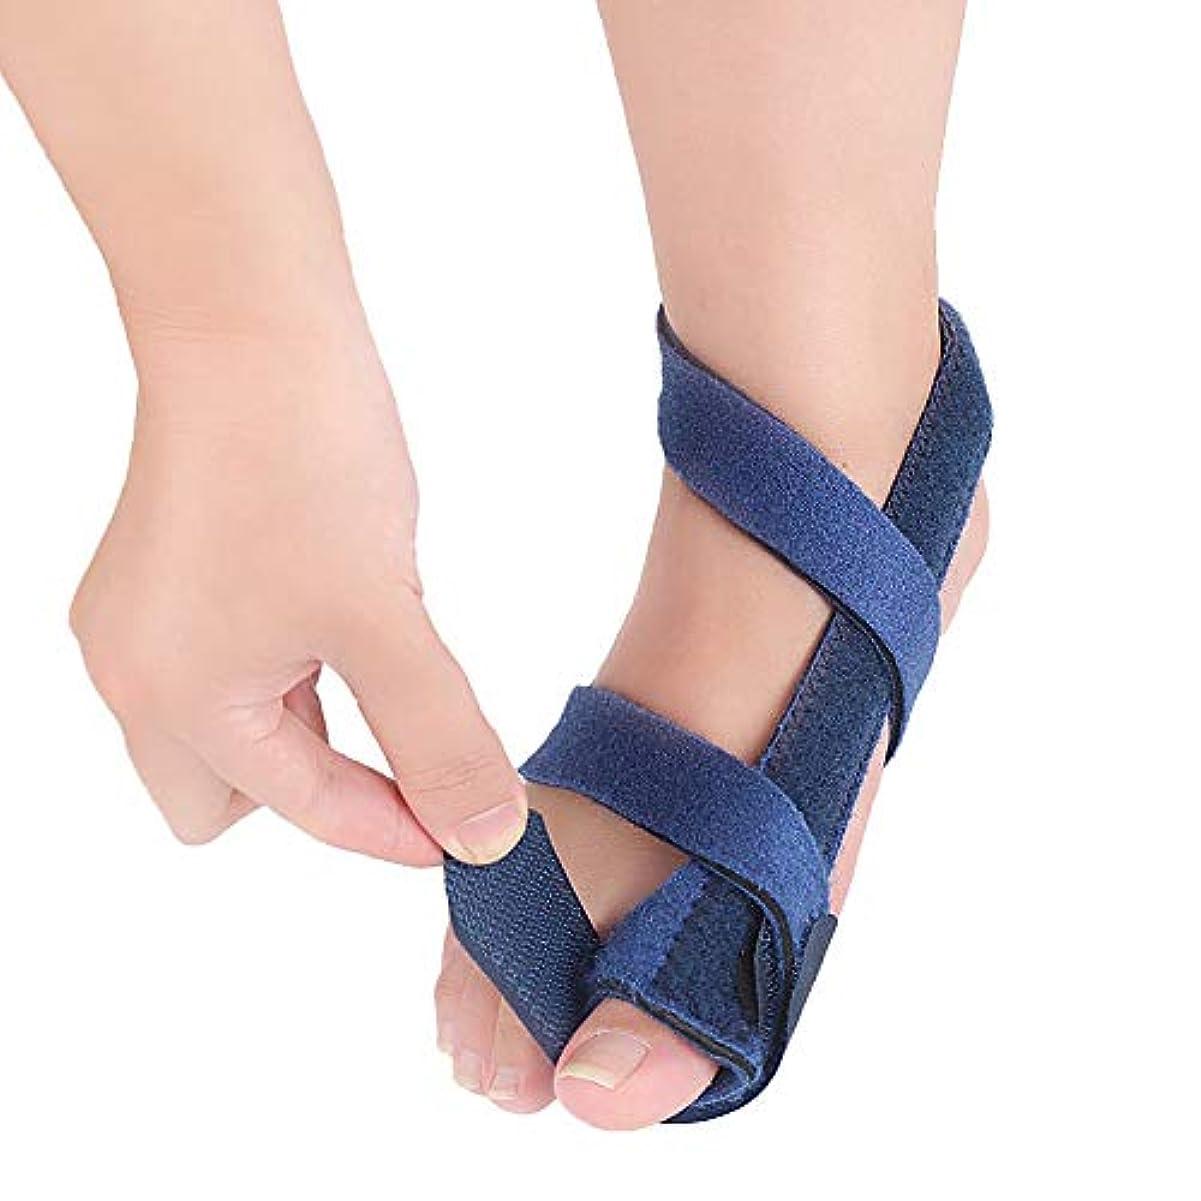 暗い真夜中掘る外反母趾足指セパレーターは足指重複嚢胞通気性吸収汗ワンサイズを防止し、ヨガ後の痛みと変形を軽減